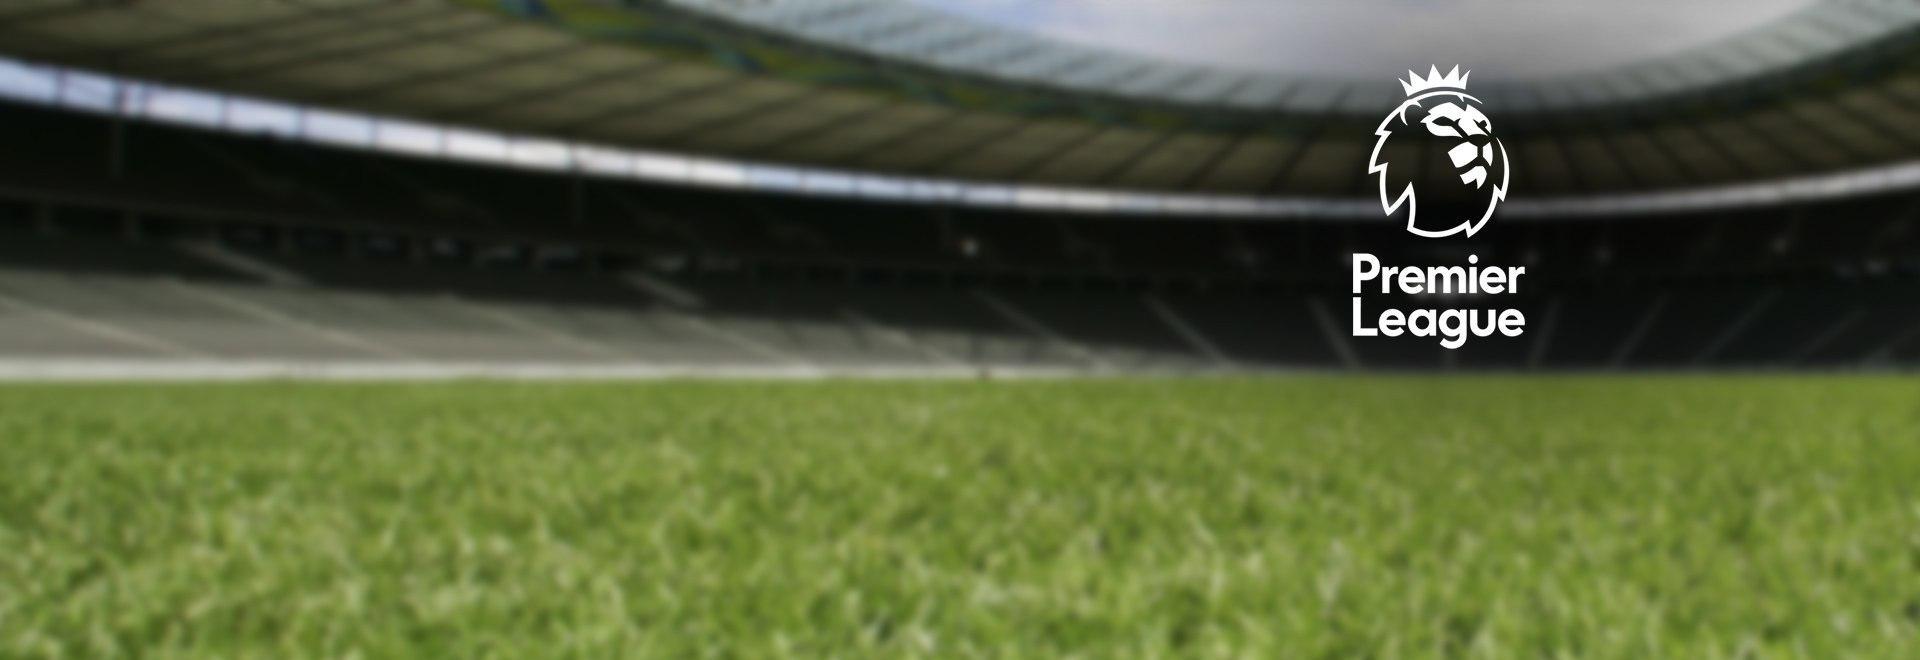 Arsenal - Aston Villa. 8a g.